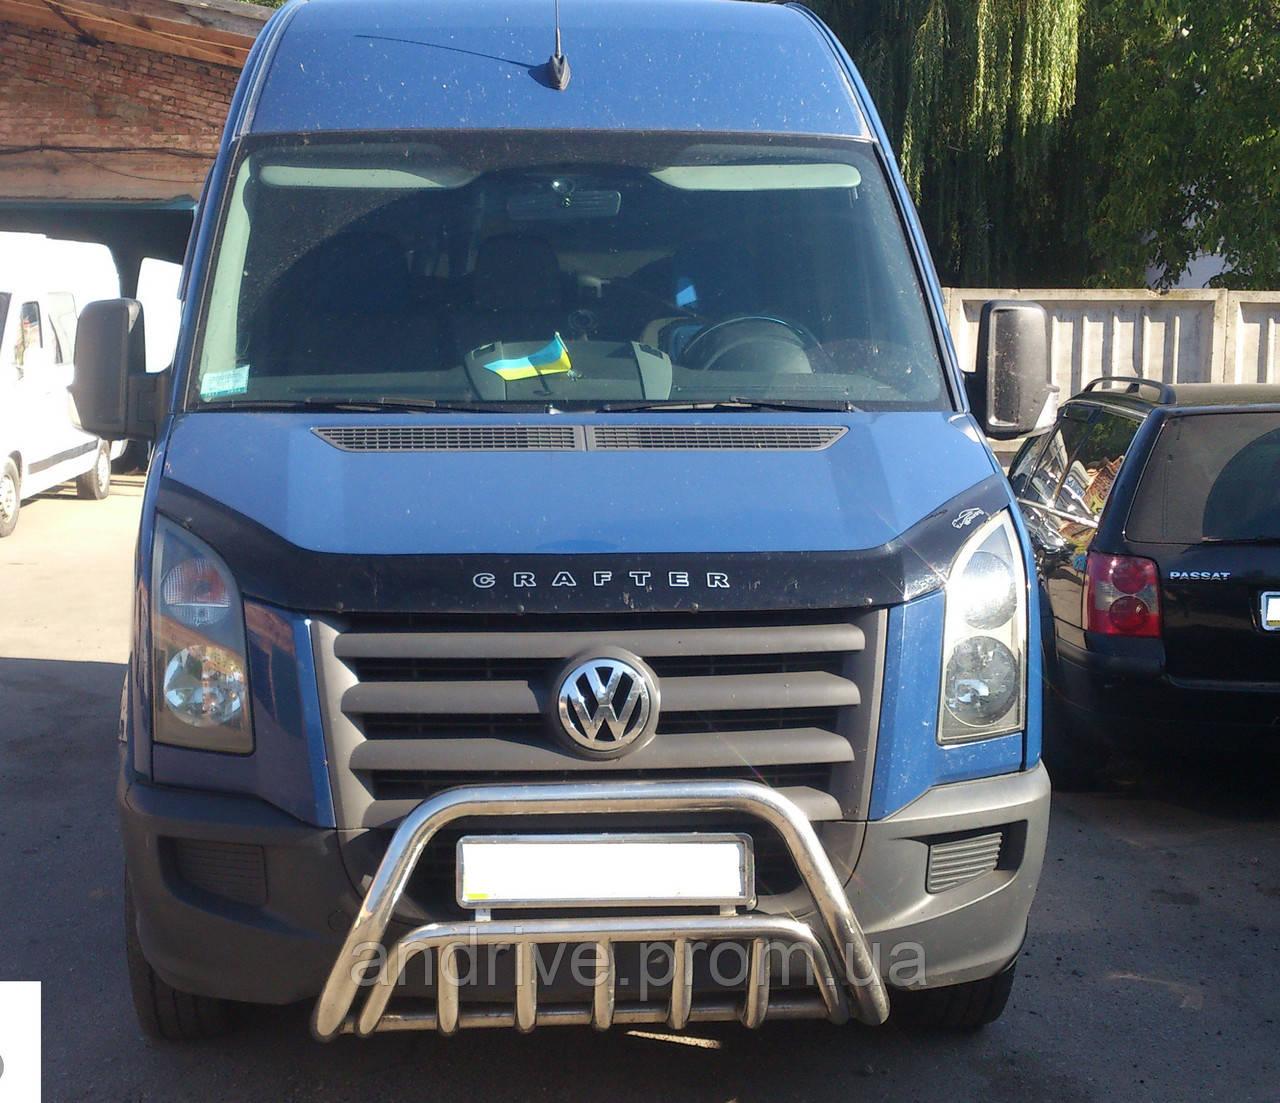 Защита переднего бампера (кенгурятник) Volkswagen Crafter 2006+